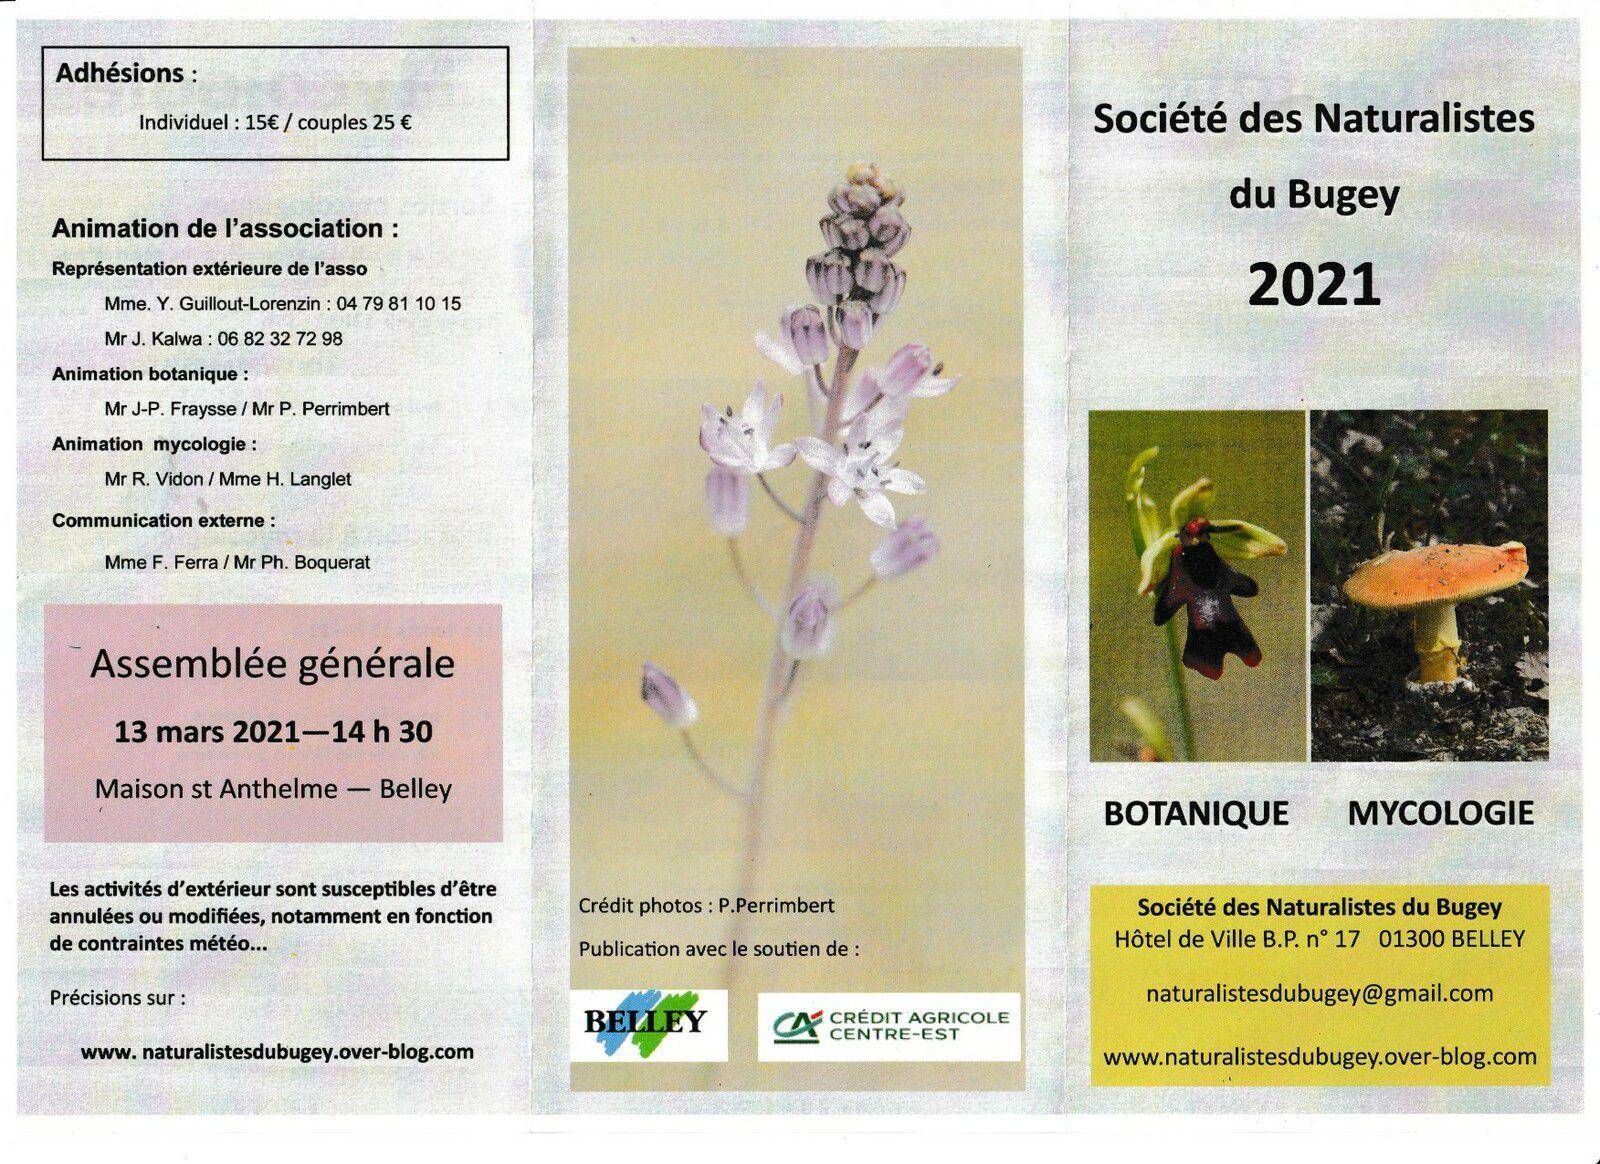 programme 2021 - CLIQUER pour AGRANDIR LES IMAGES!!!